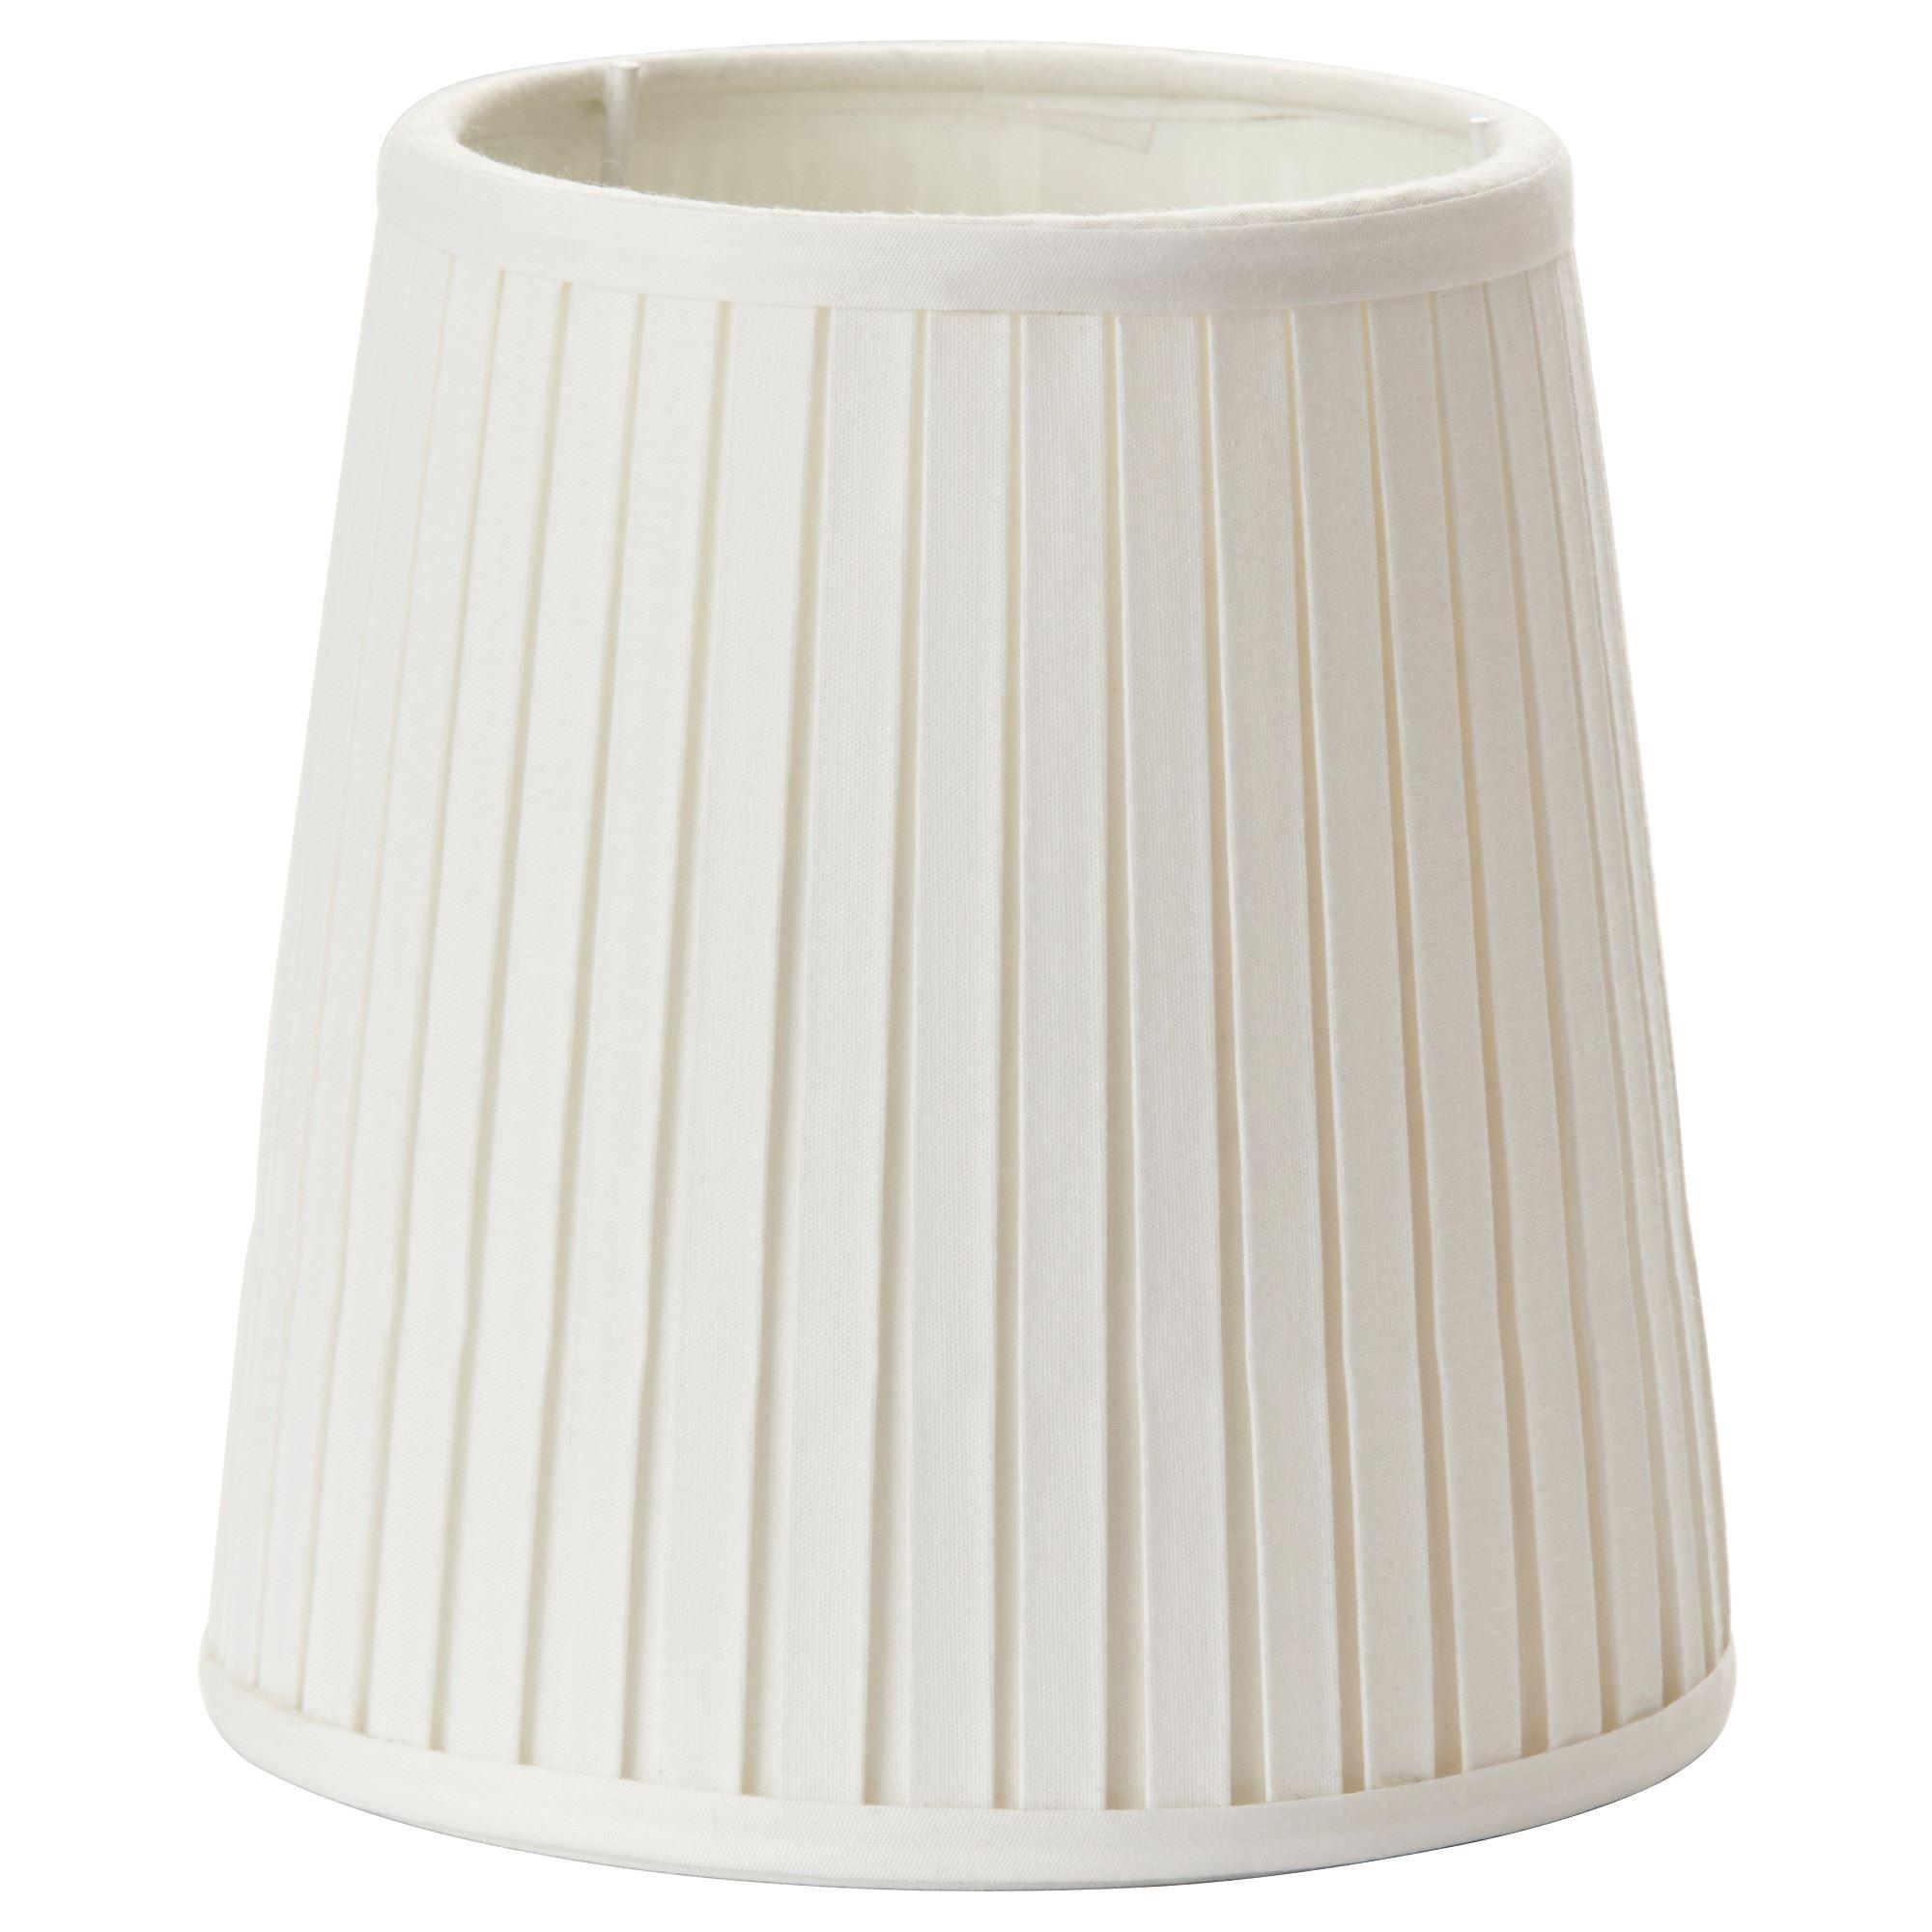 Ekas lamp shade off white 14 cm ikea lighting mozeypictures Images